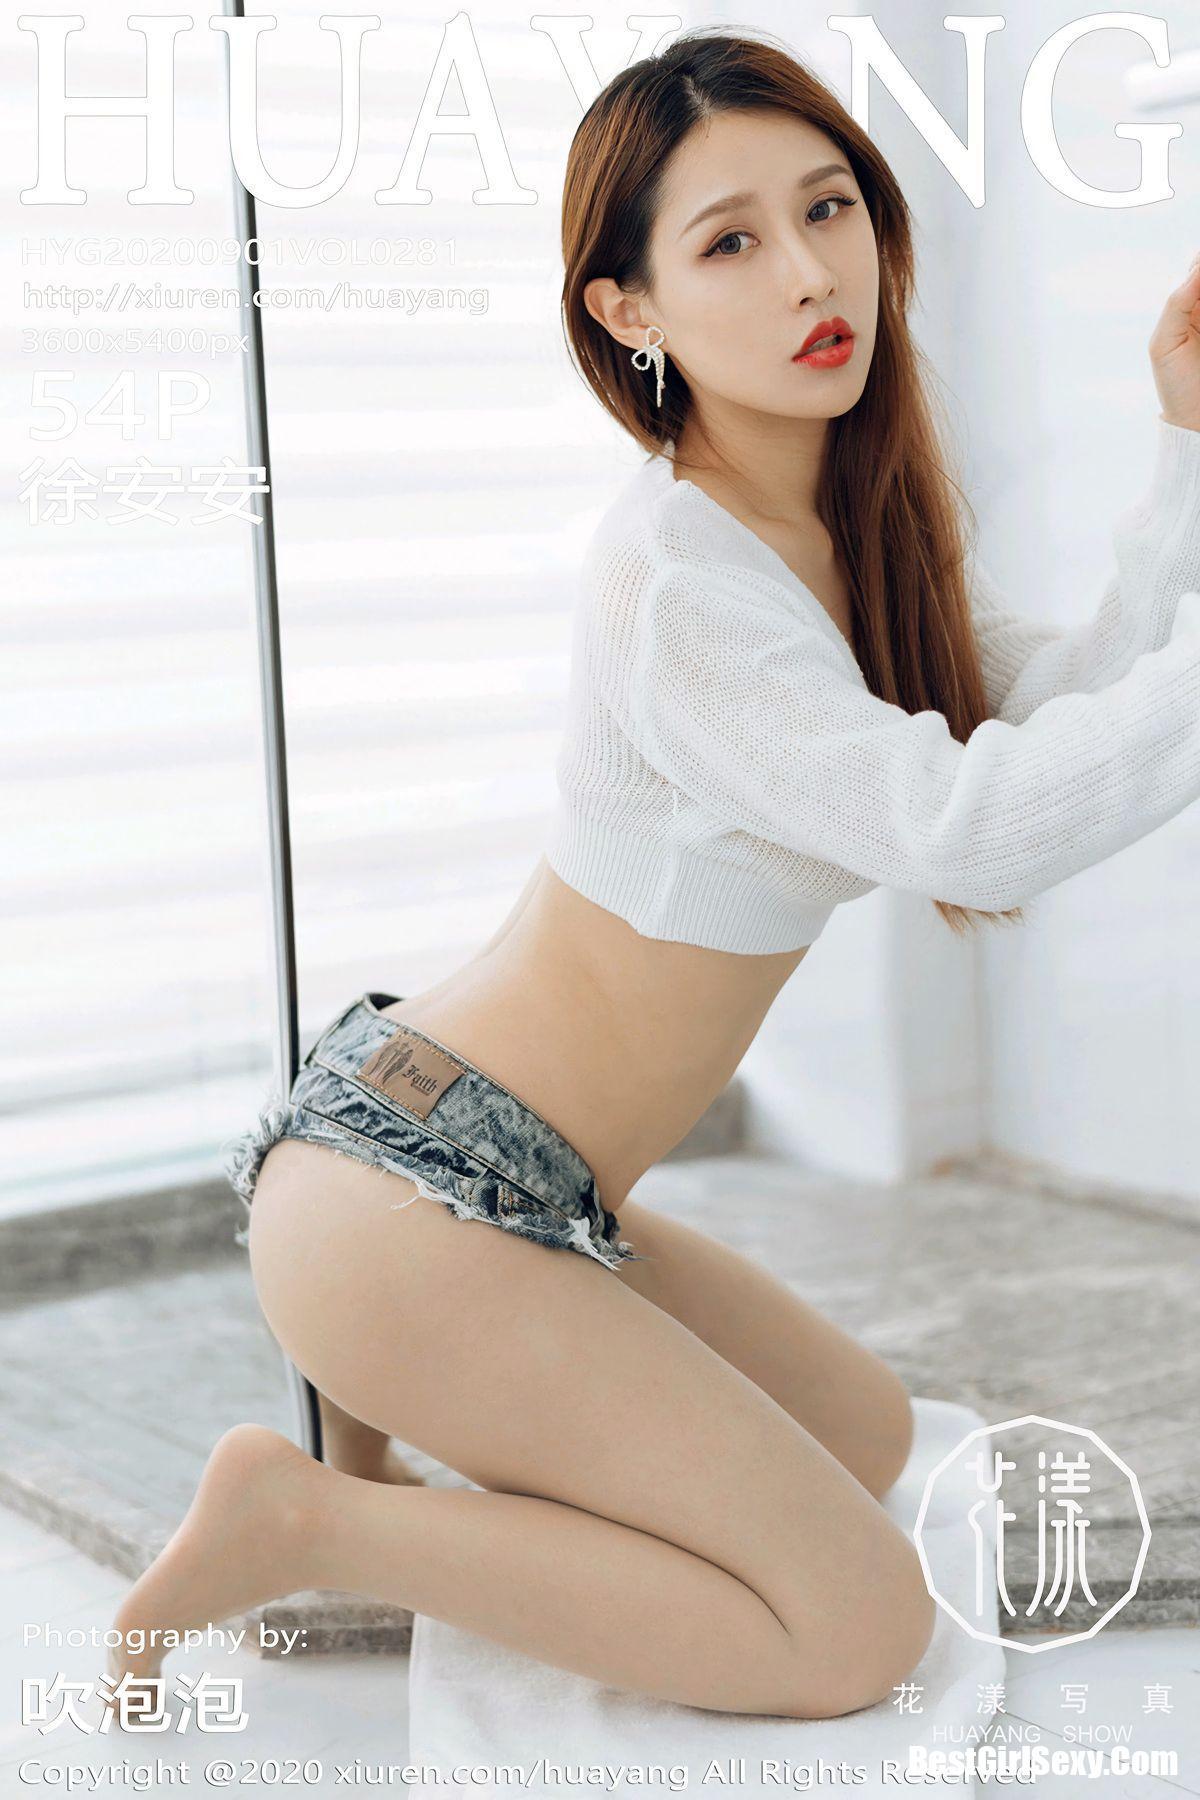 HuaYang 花漾Show Vol.281 Xu An An